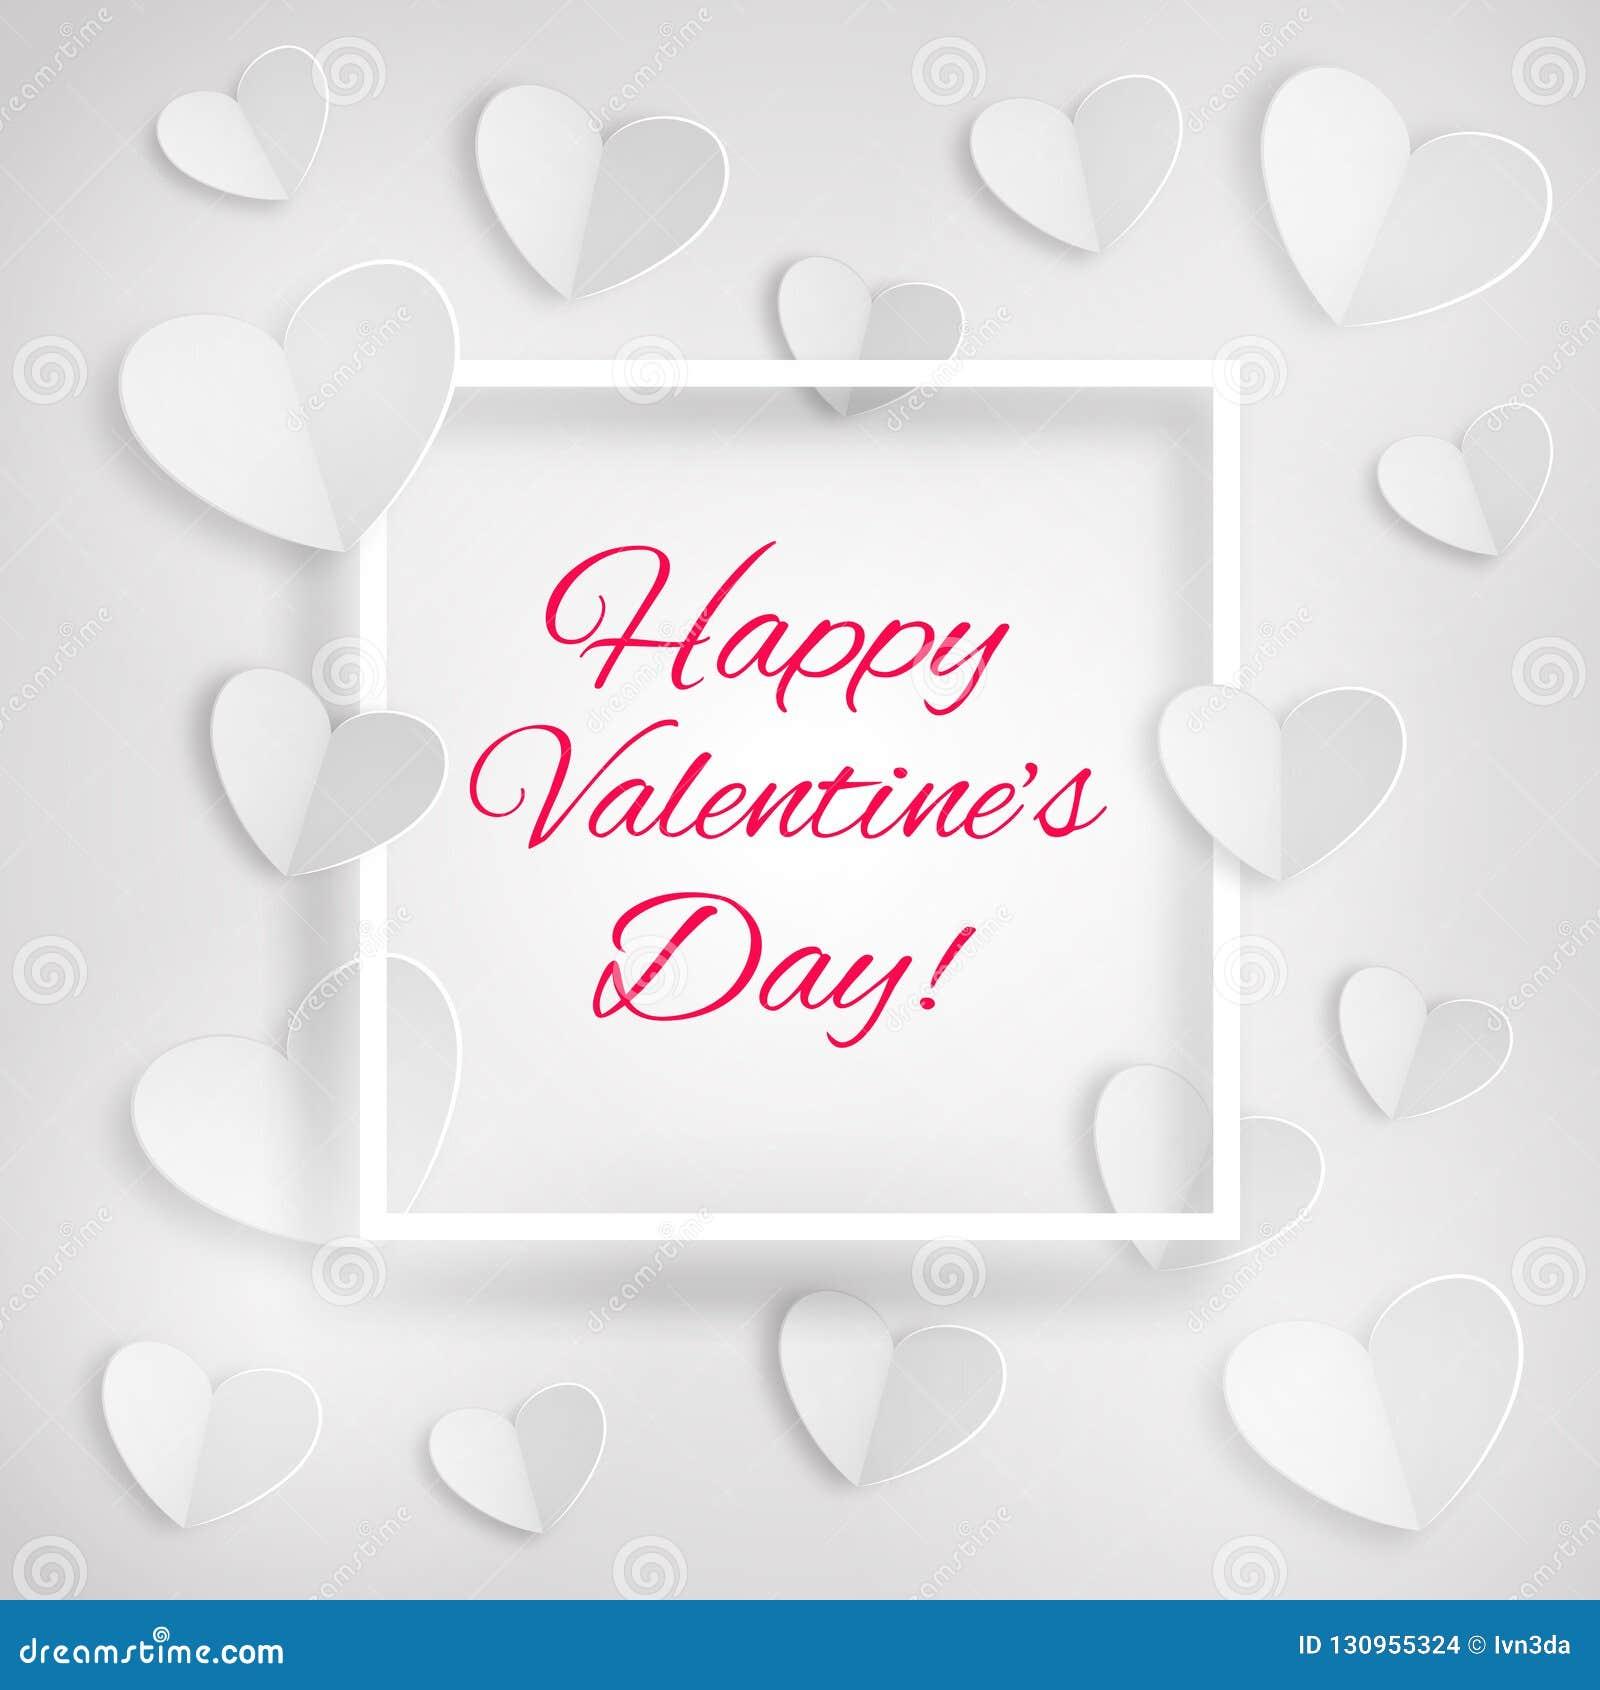 Grußkarte mit weißen Herzen und ein Rahmen mit Aufschrift glücklichem Valentinstag